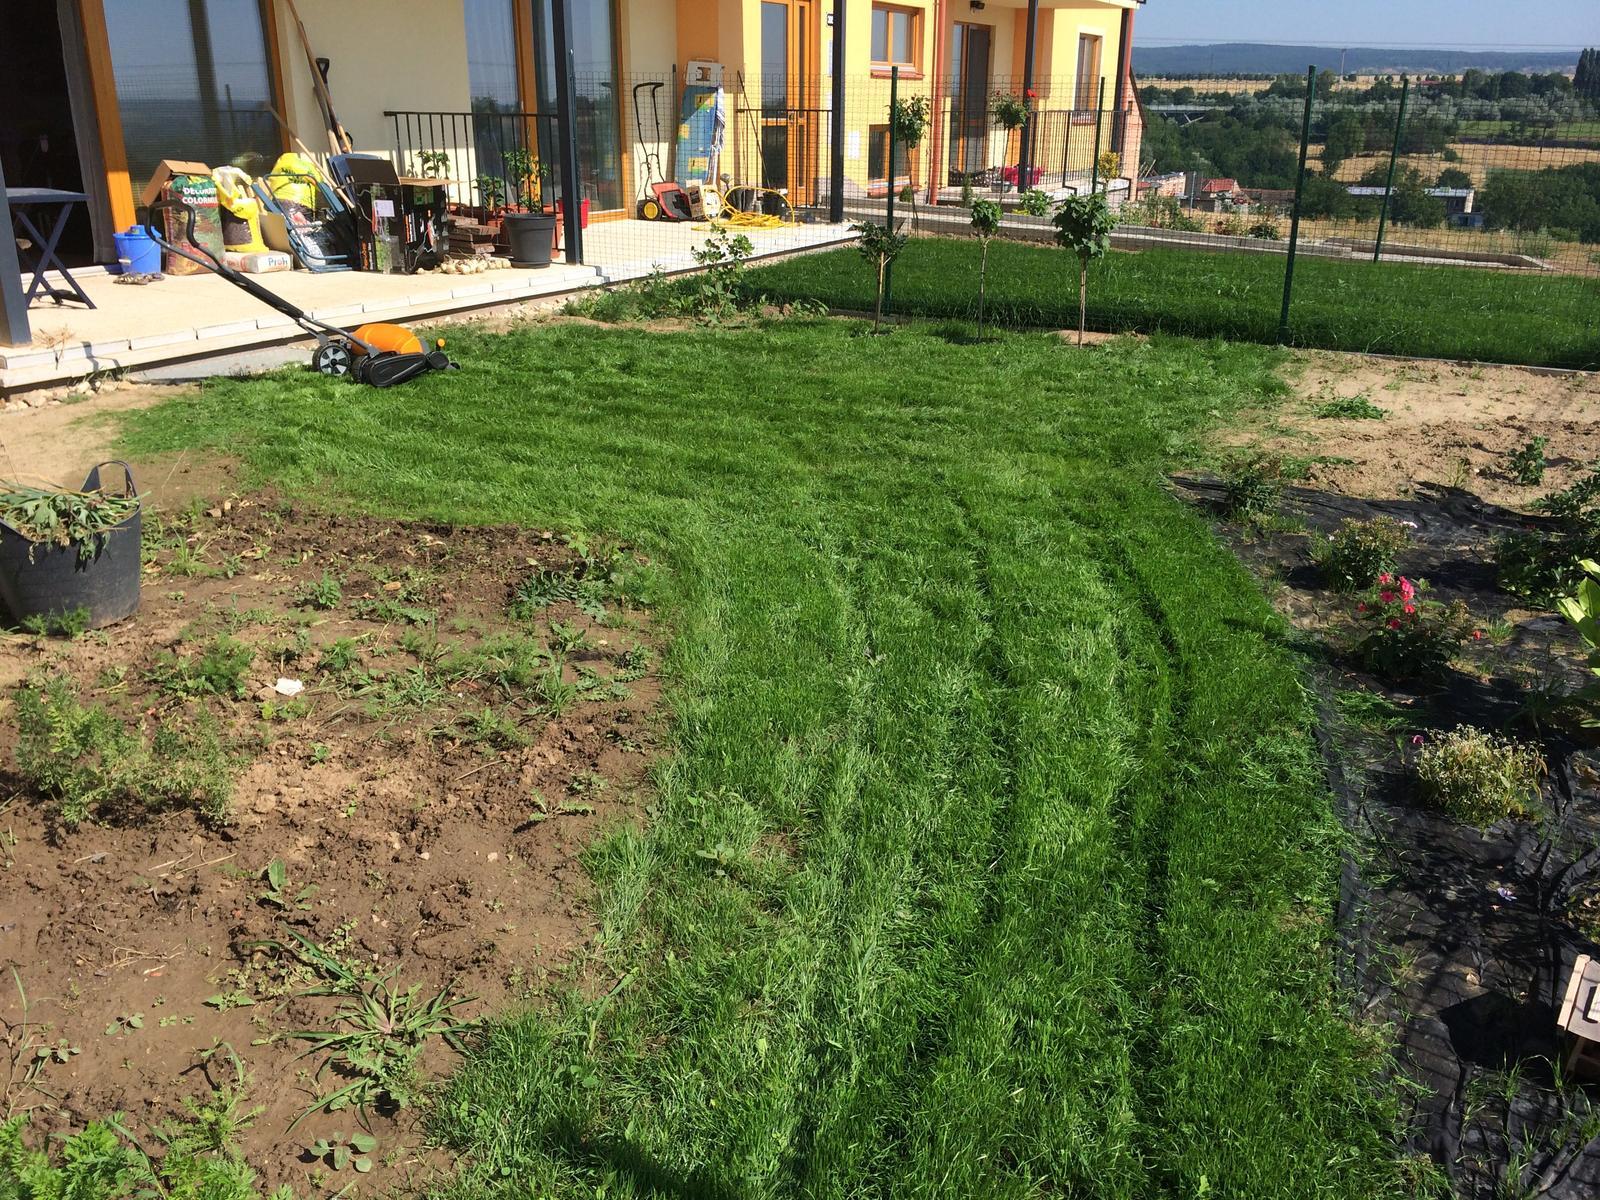 Zahrada- jak to vsechno zacalo.. - Vypada trosku ako zamat :)